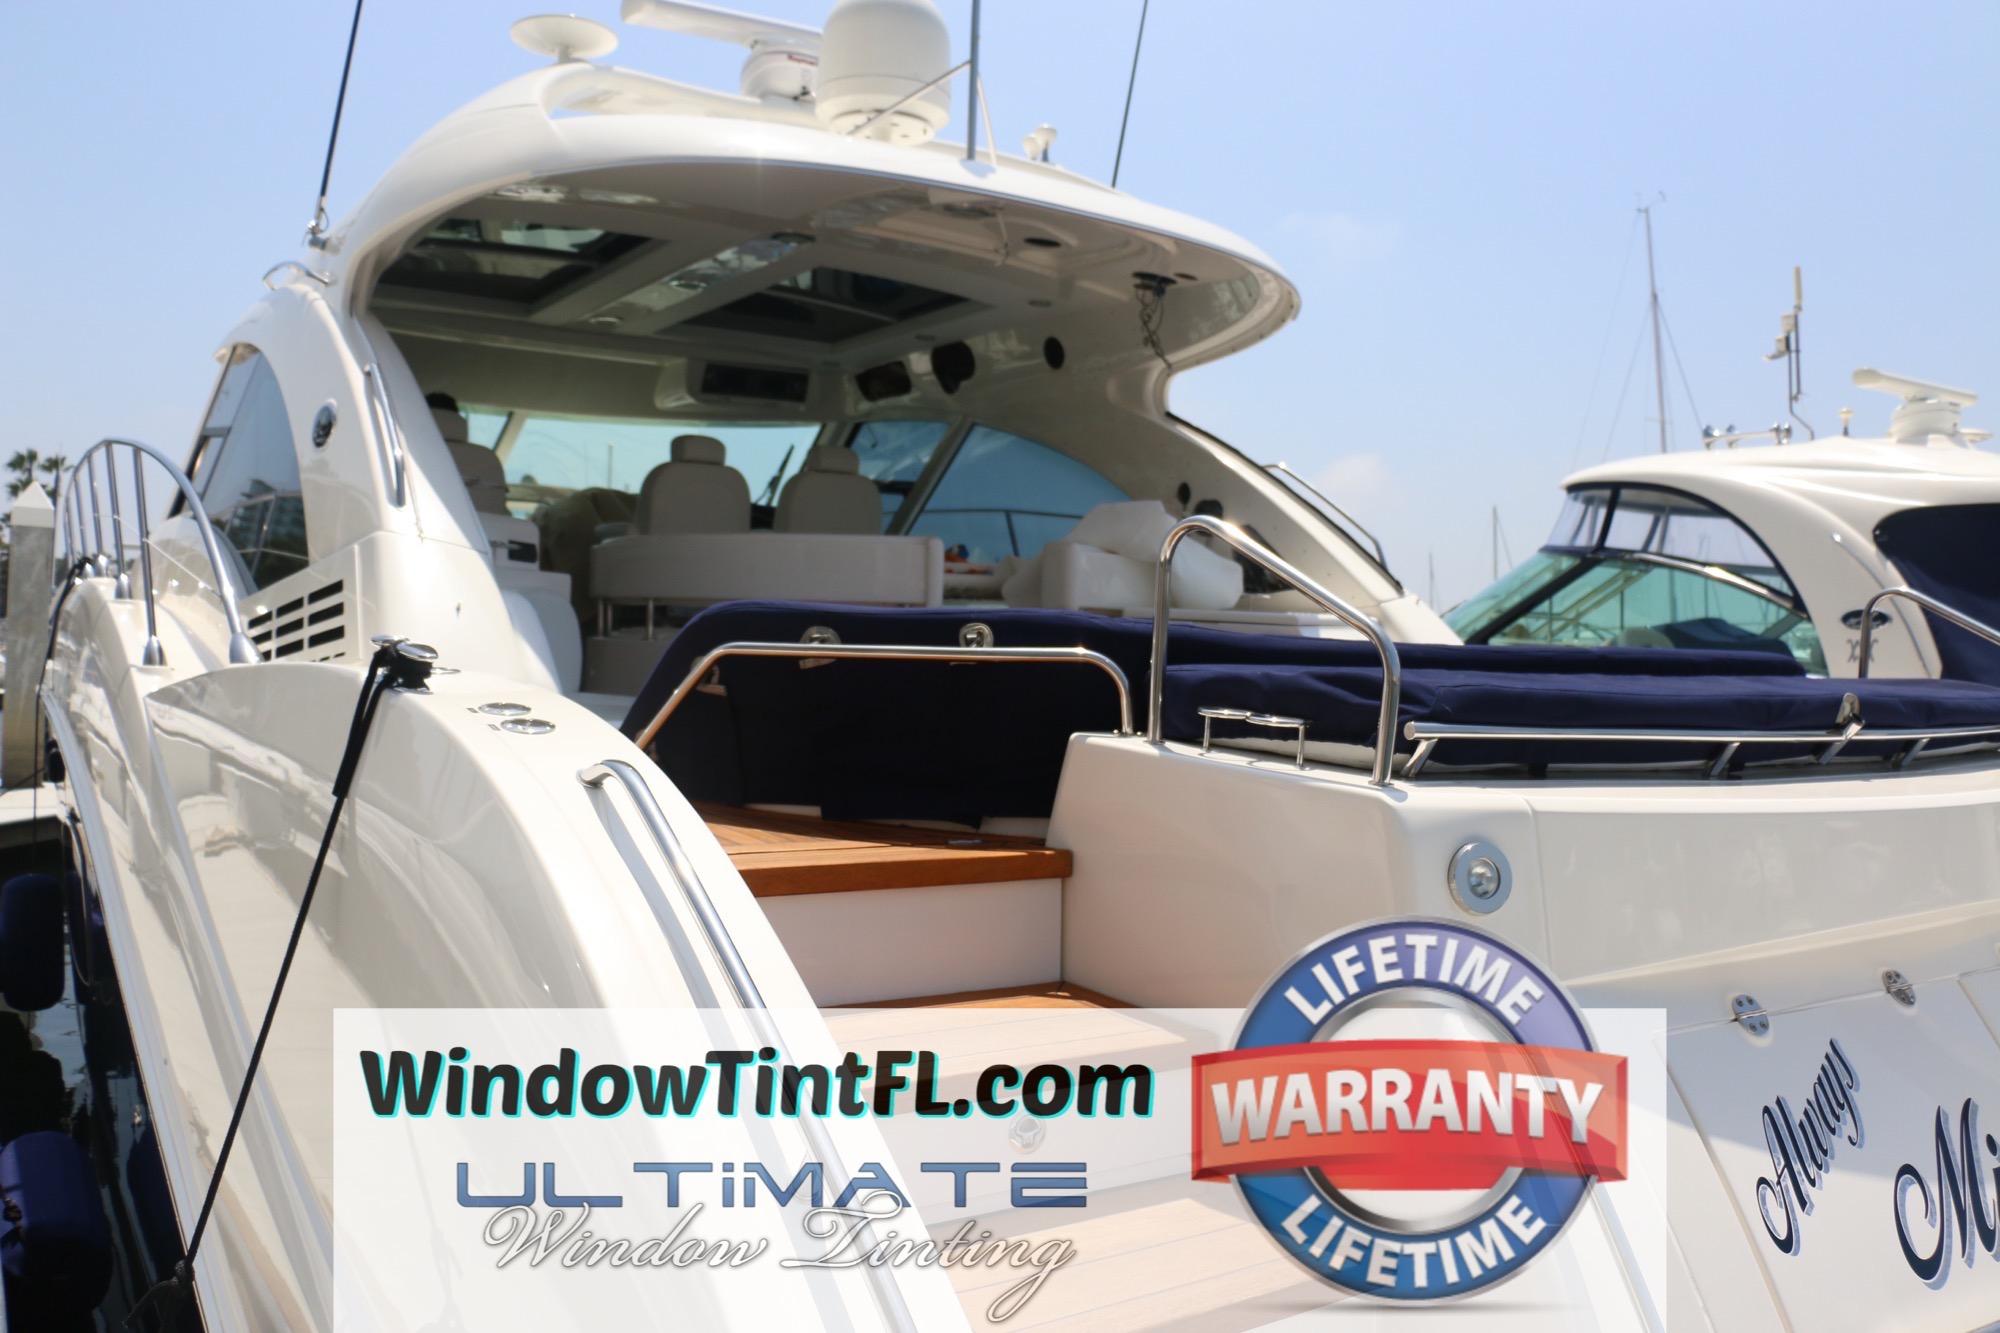 Boat Window Tint Sarasota Florida